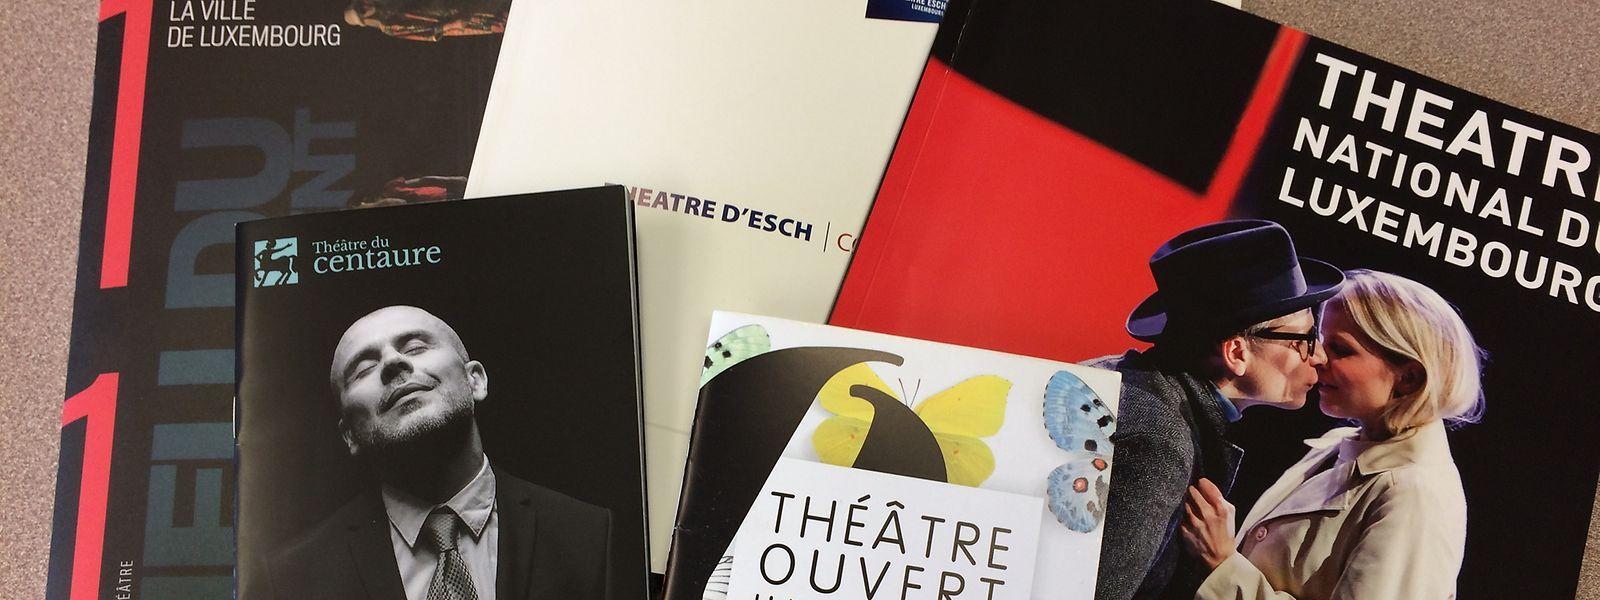 Durchgeblättert: Was lohnt sich aus der Theatersaison 2017/18?